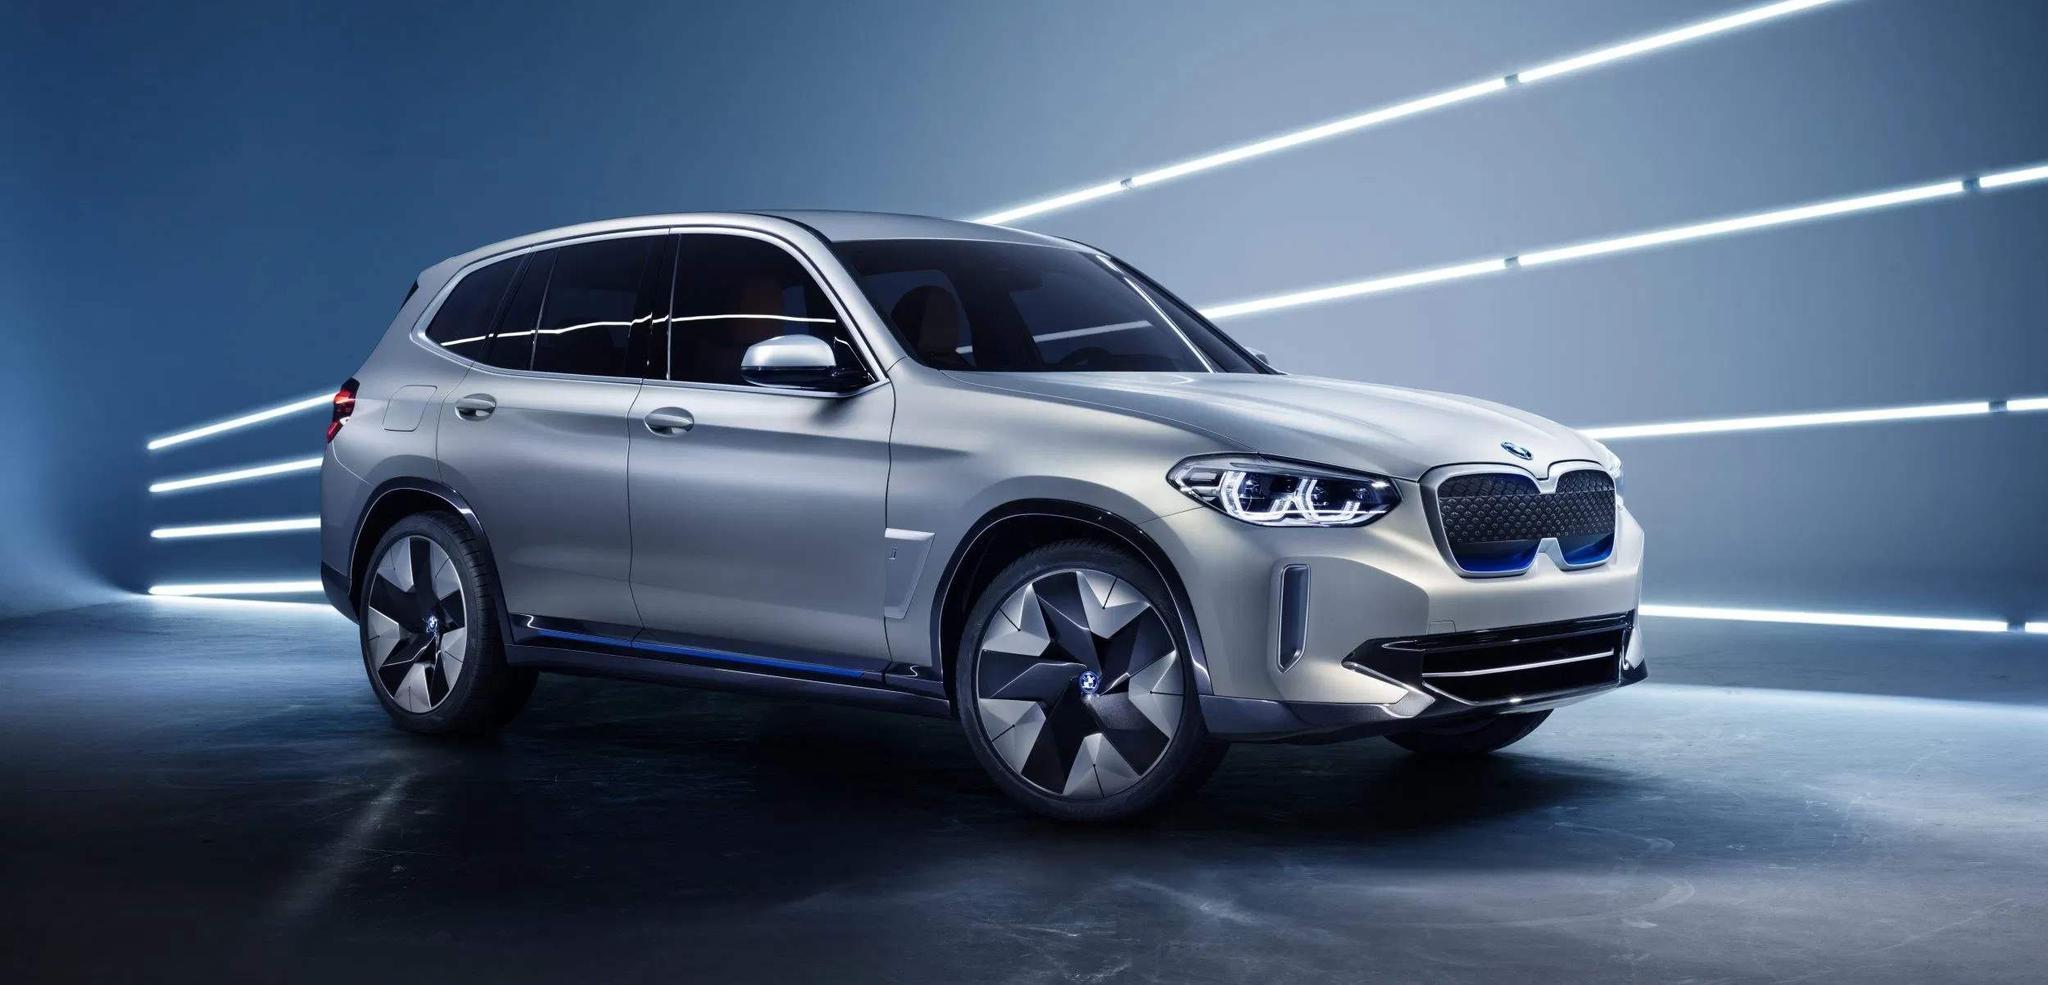 宝马第二款纯电动车iX3将于2020年夏末启动,将同步在华晨宝马工厂生产,2021年将推出i4和i-Next。